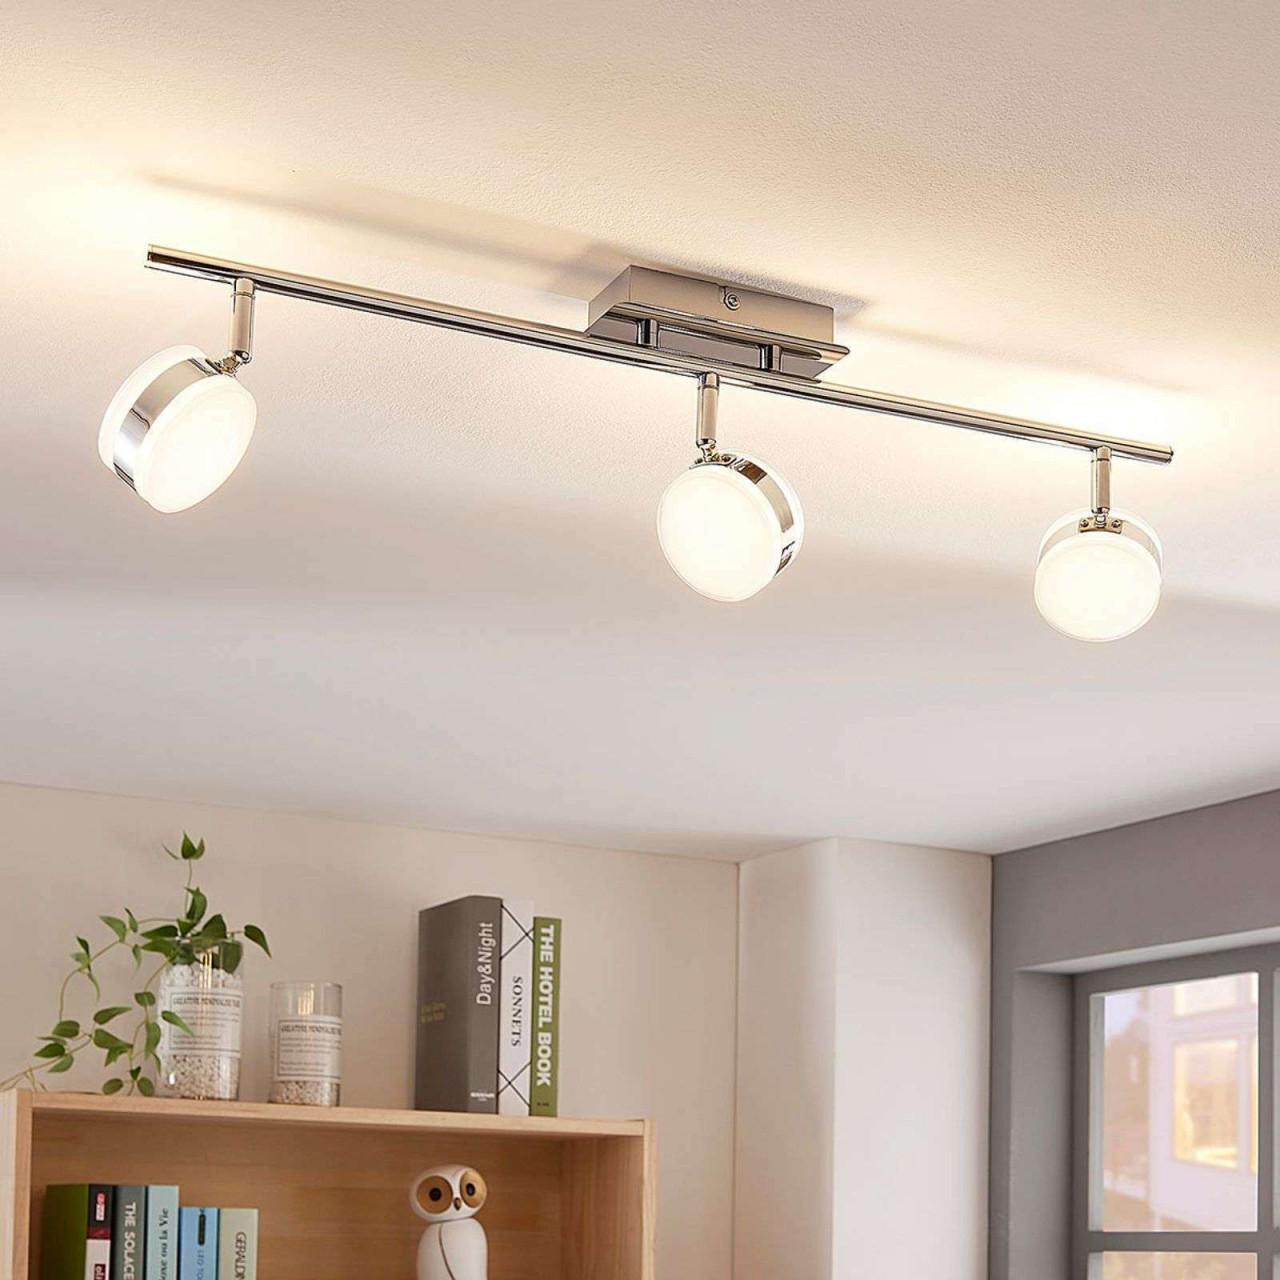 Innenbeleuchtung Küche Haushalt  Wohnen Strahler Modern von Wohnzimmer Deckenleuchte Led Bild